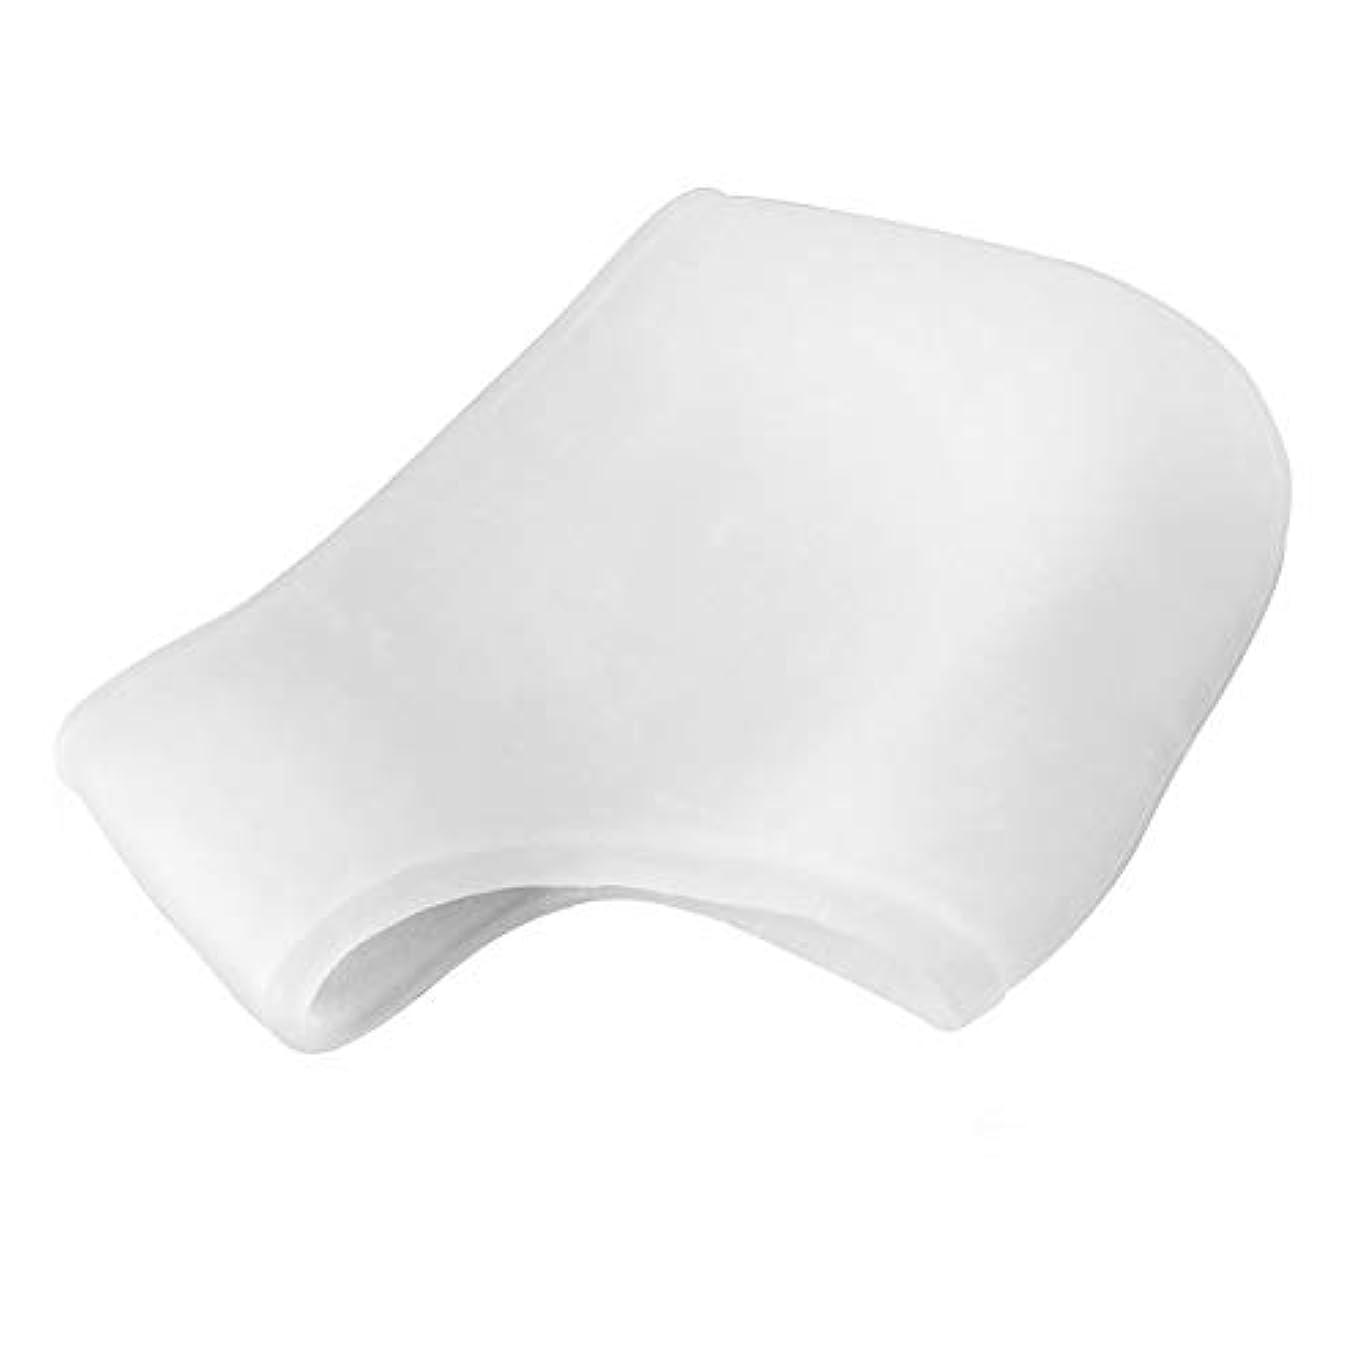 シダ姿勢ブルシリコーンモイスチャライジングジェルヒールひびの入ったフットスキンケアフットケアツールを守ります